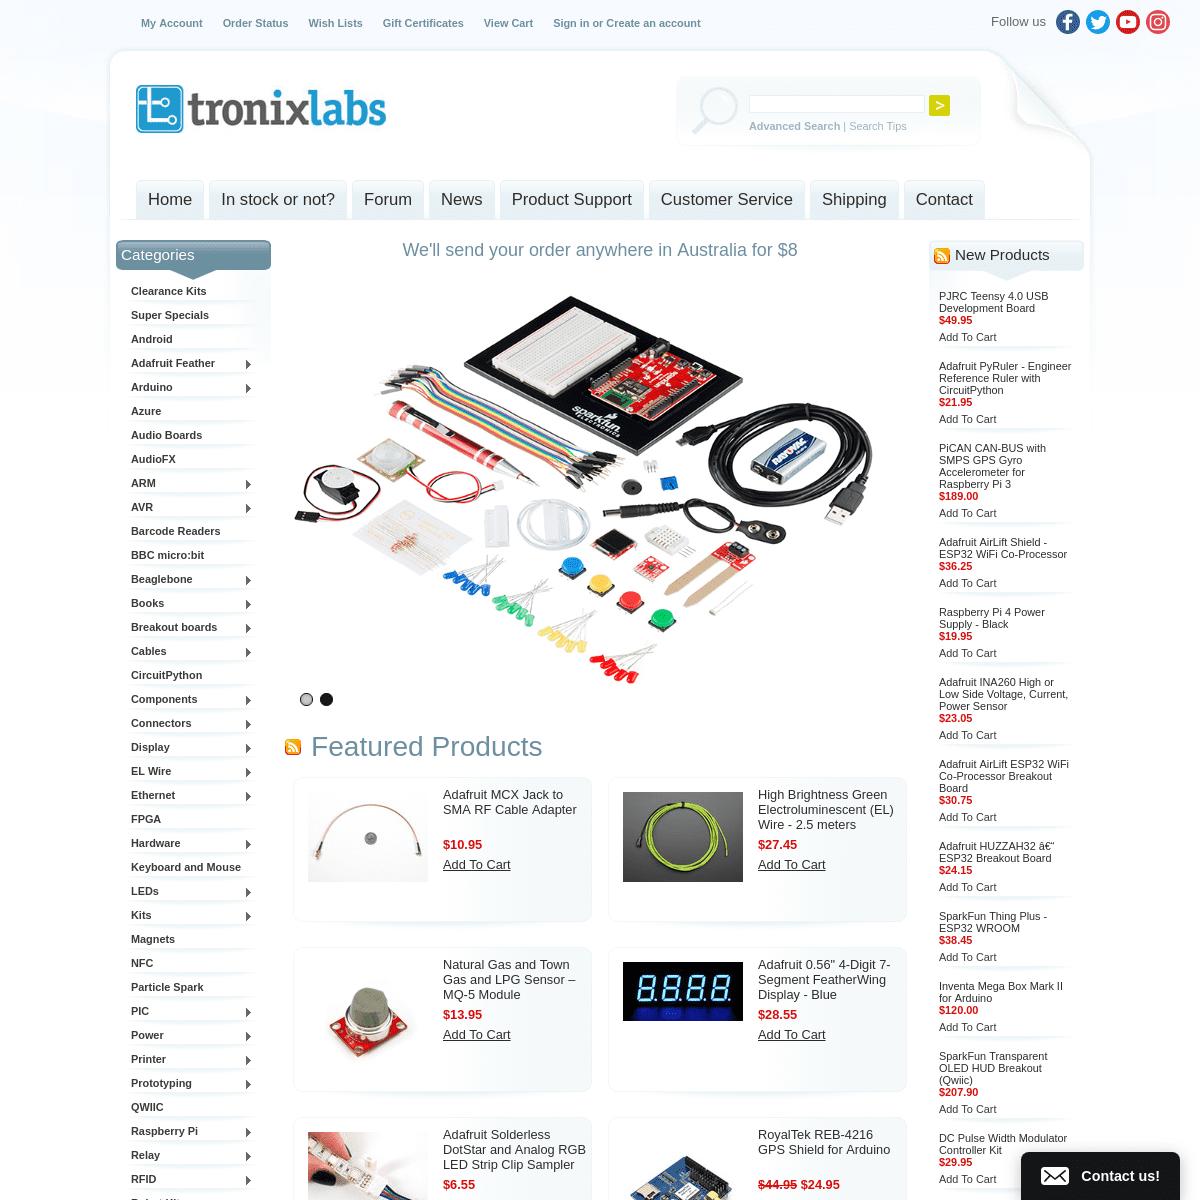 Tronixlabs Australia